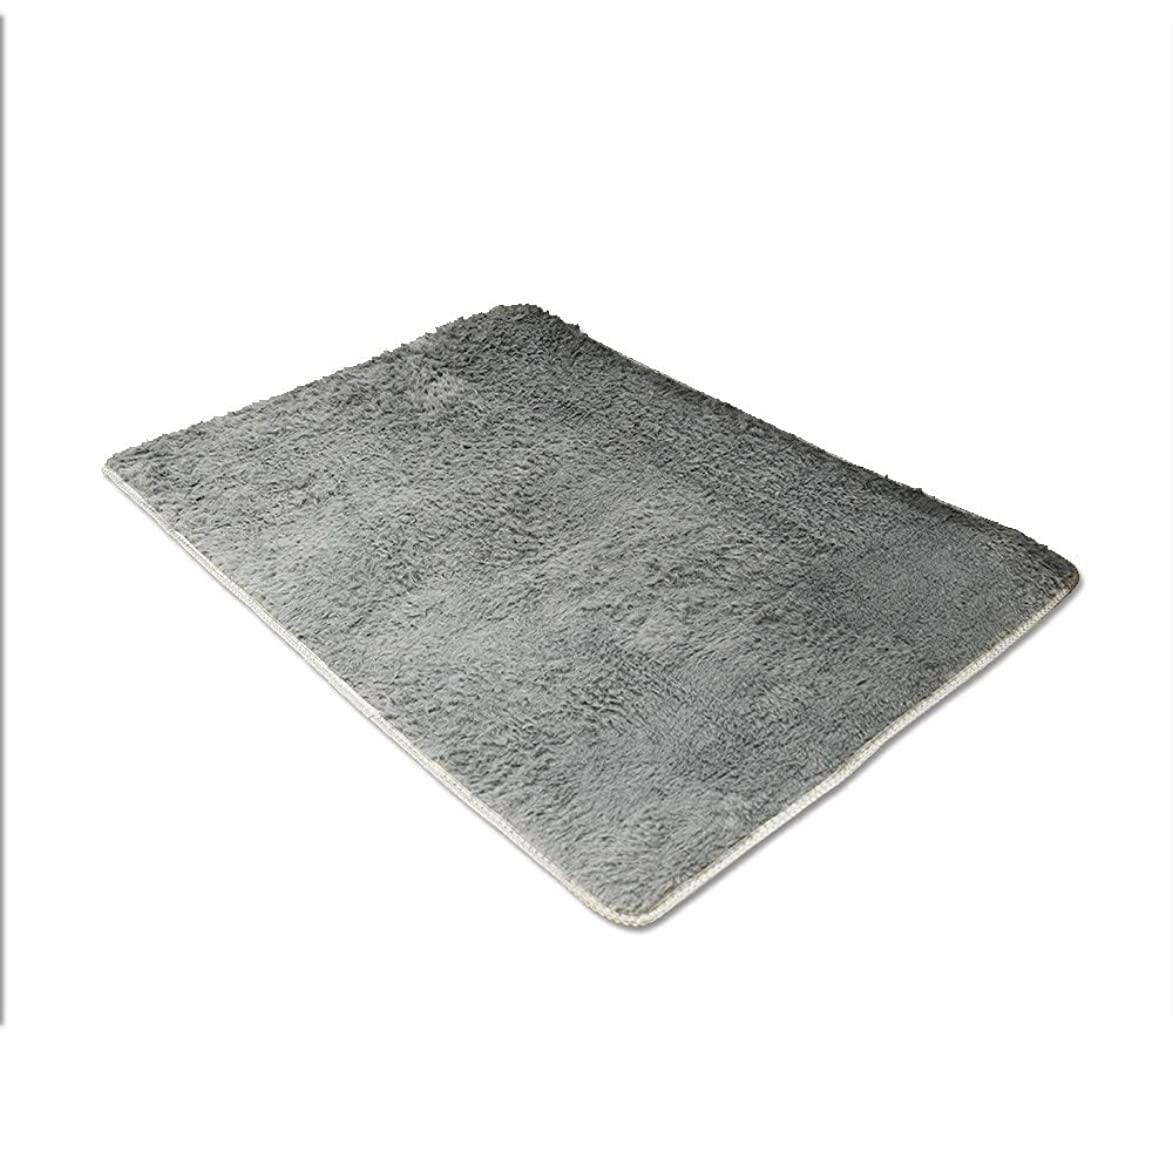 文化孤独な書き込みカーペット ラグ マット 洗える 絨毯 滑り止め ベッドルーム リビングルーム 80*120cm